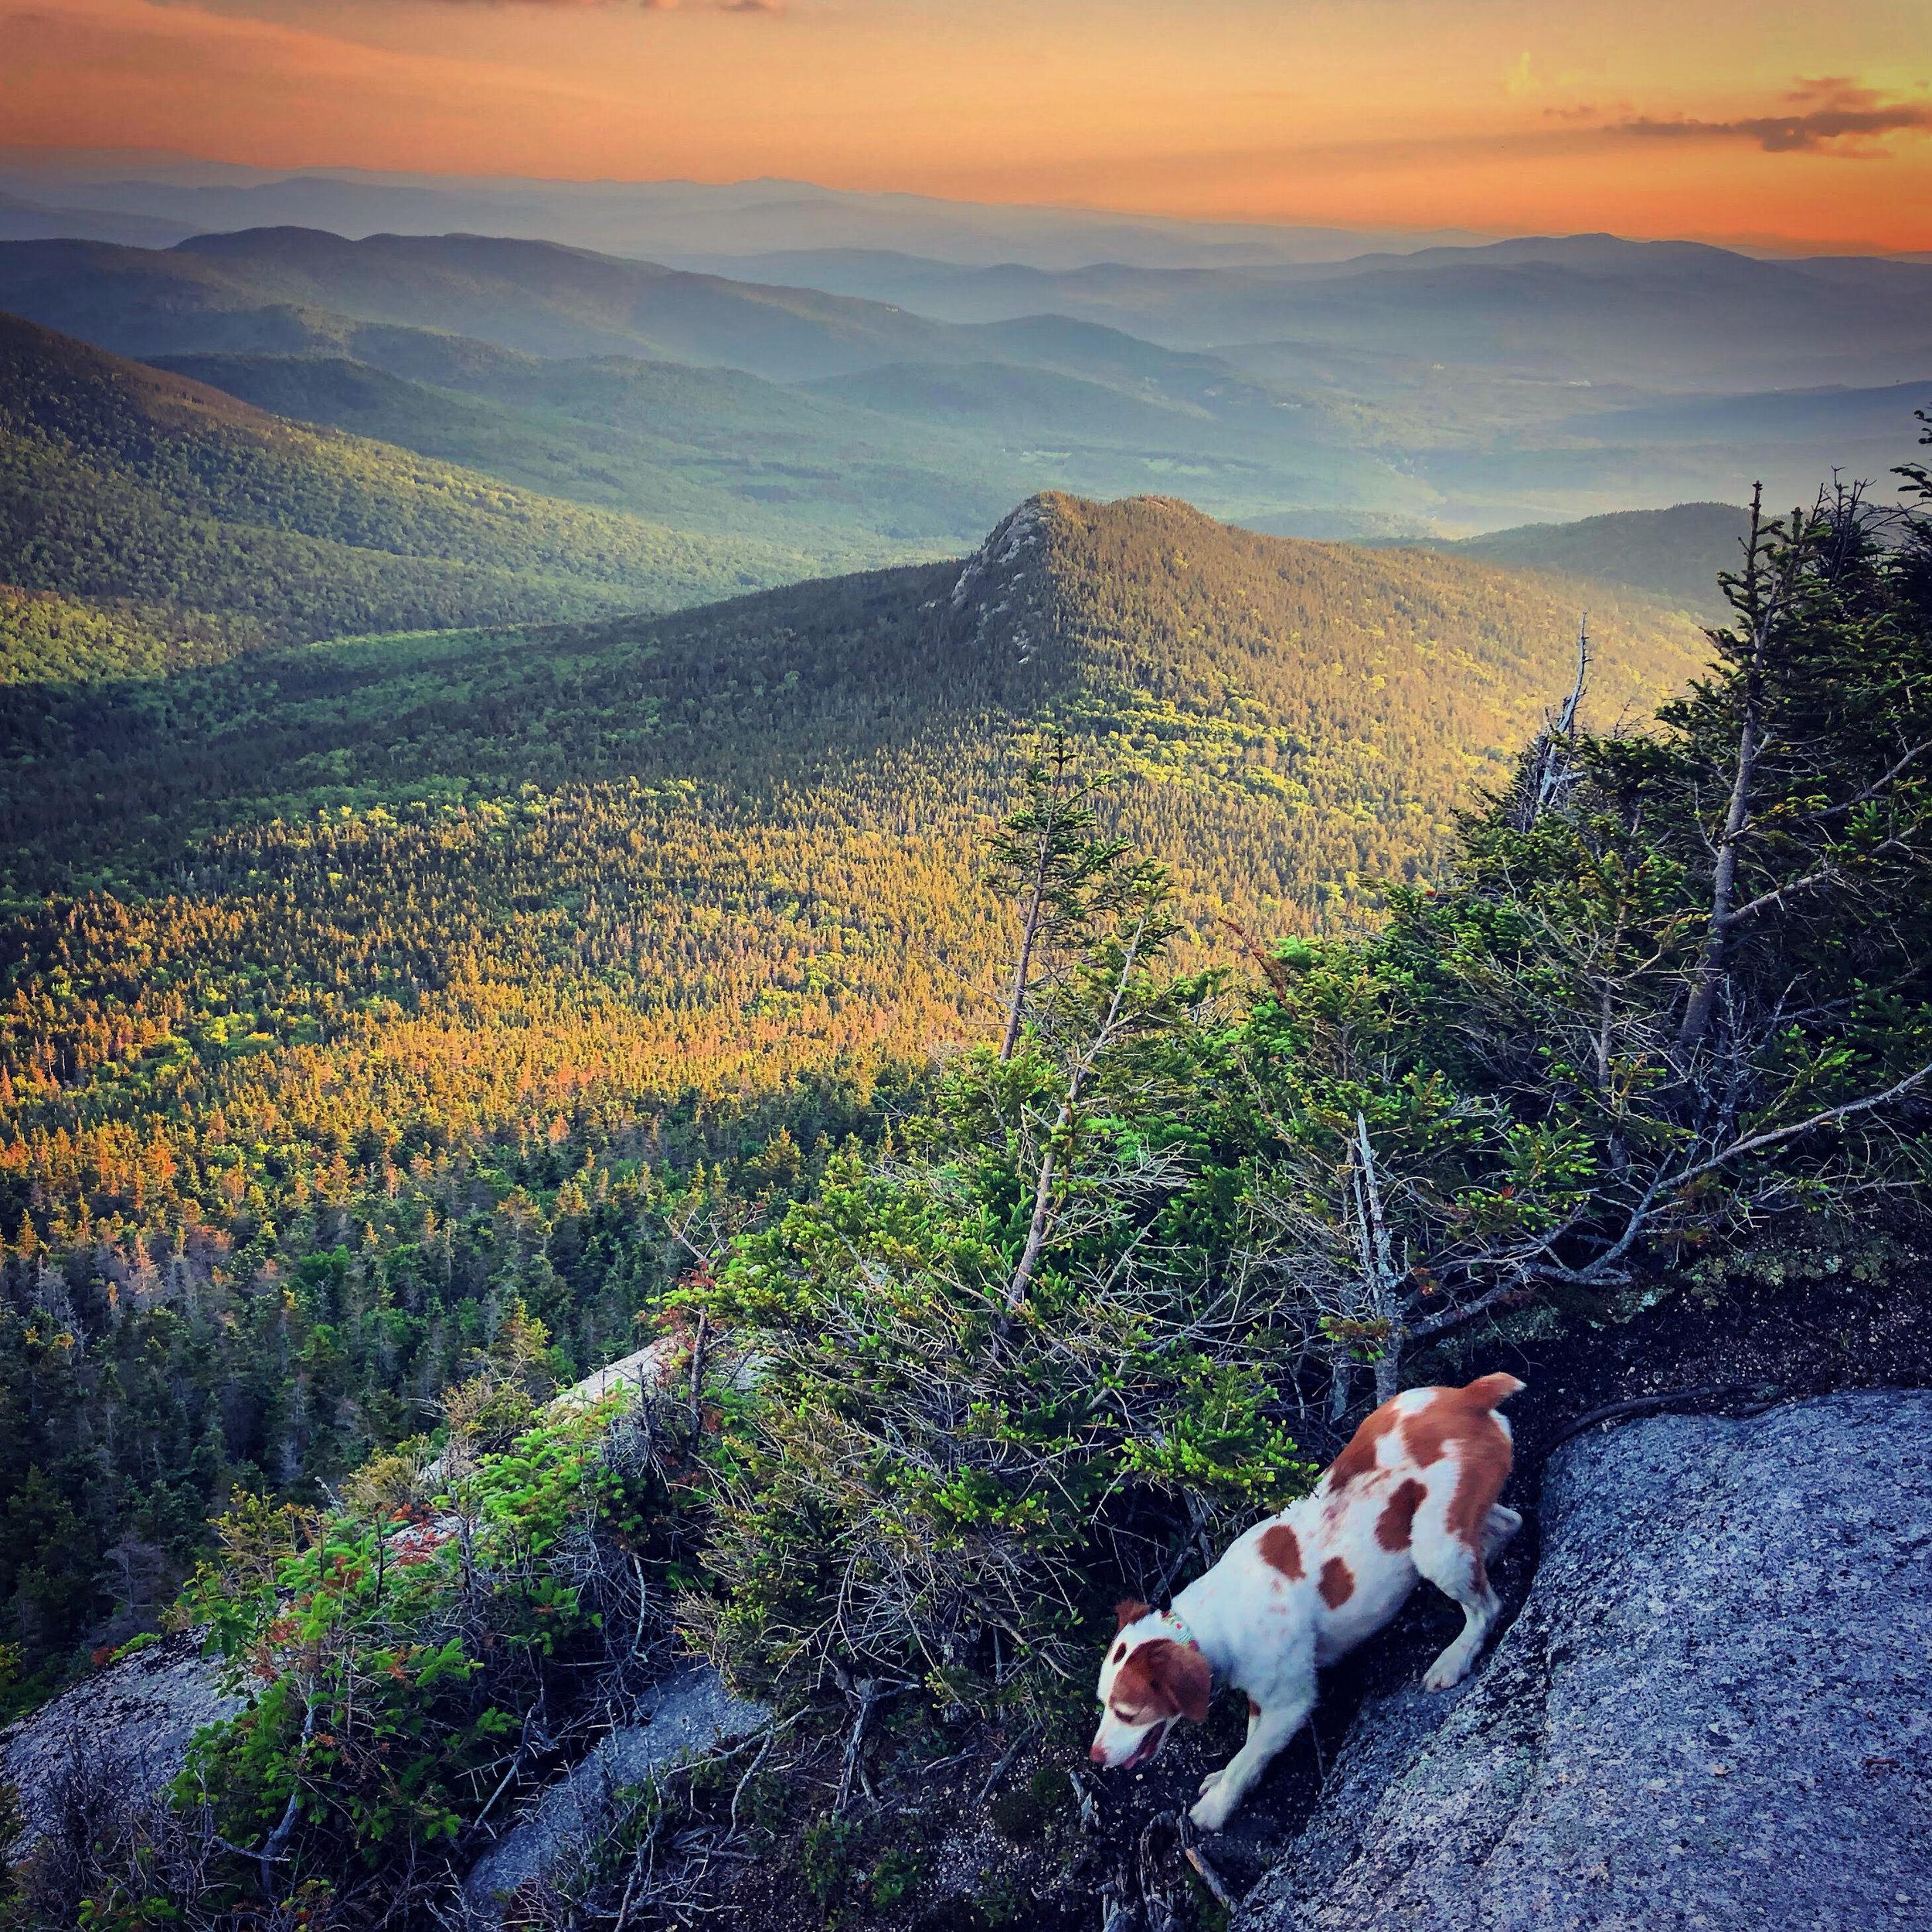 Another Jennings Peak sunset capture